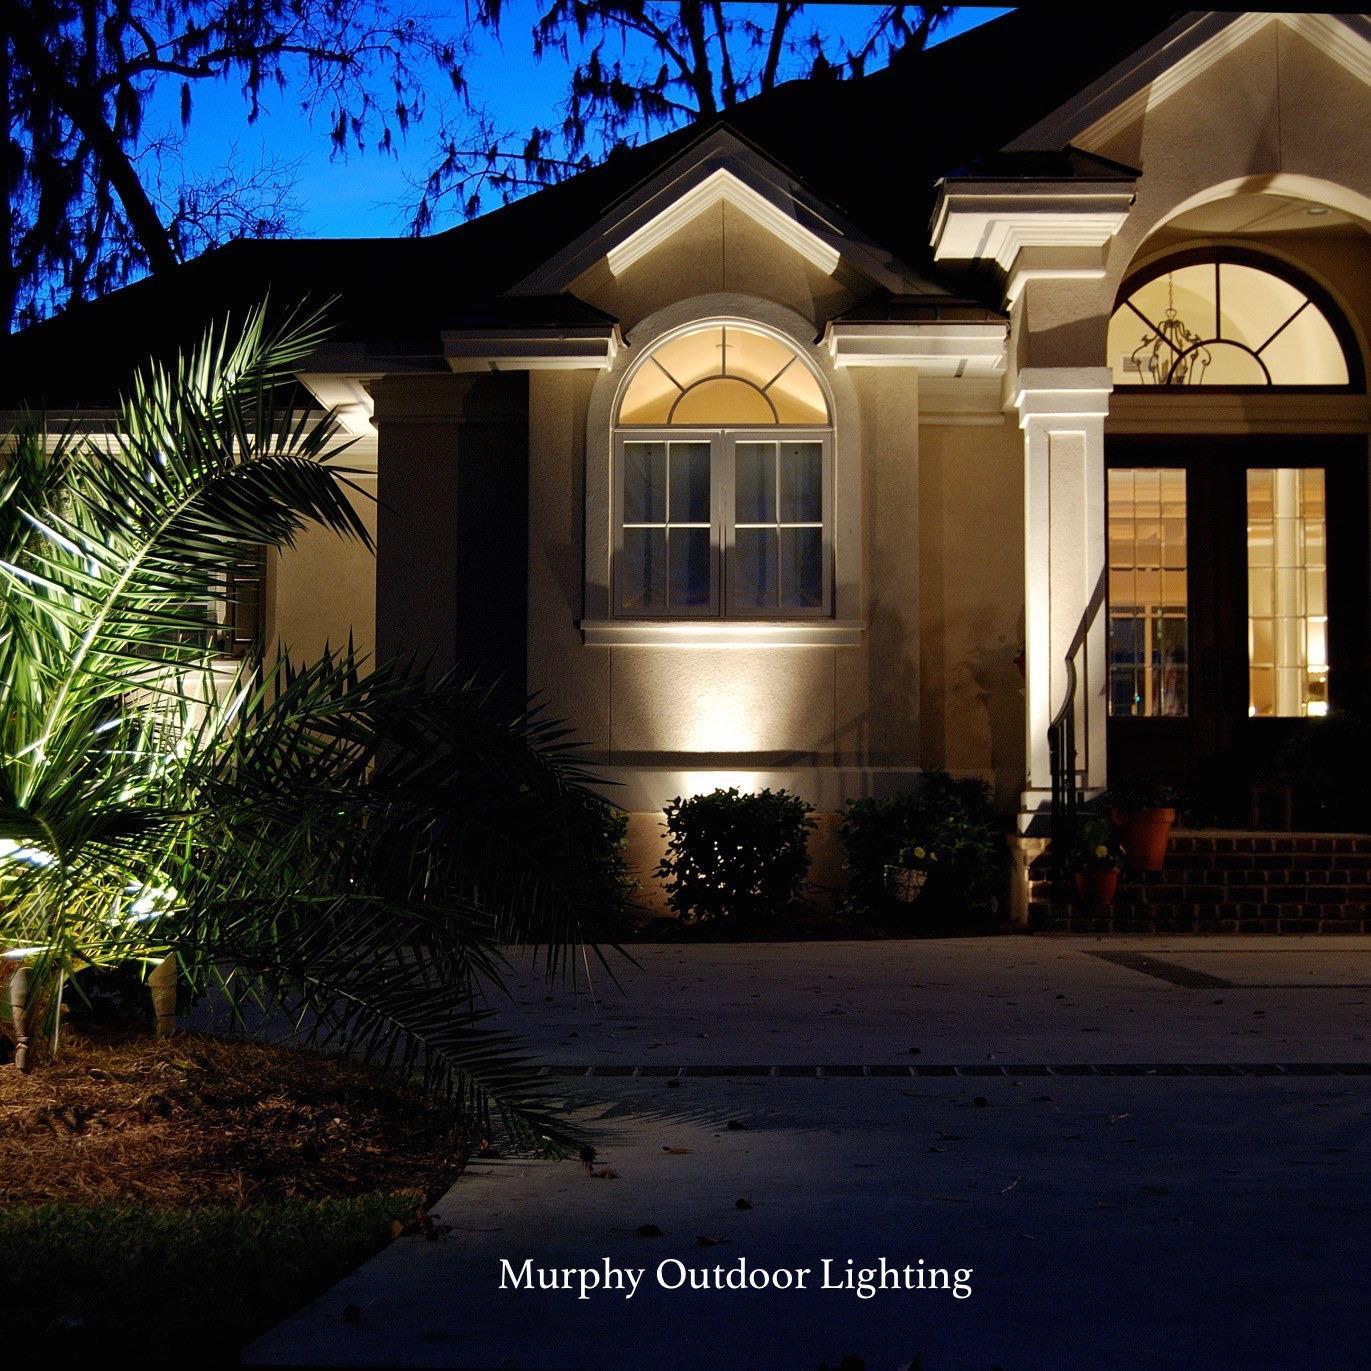 Murphy Outdoor Lighting